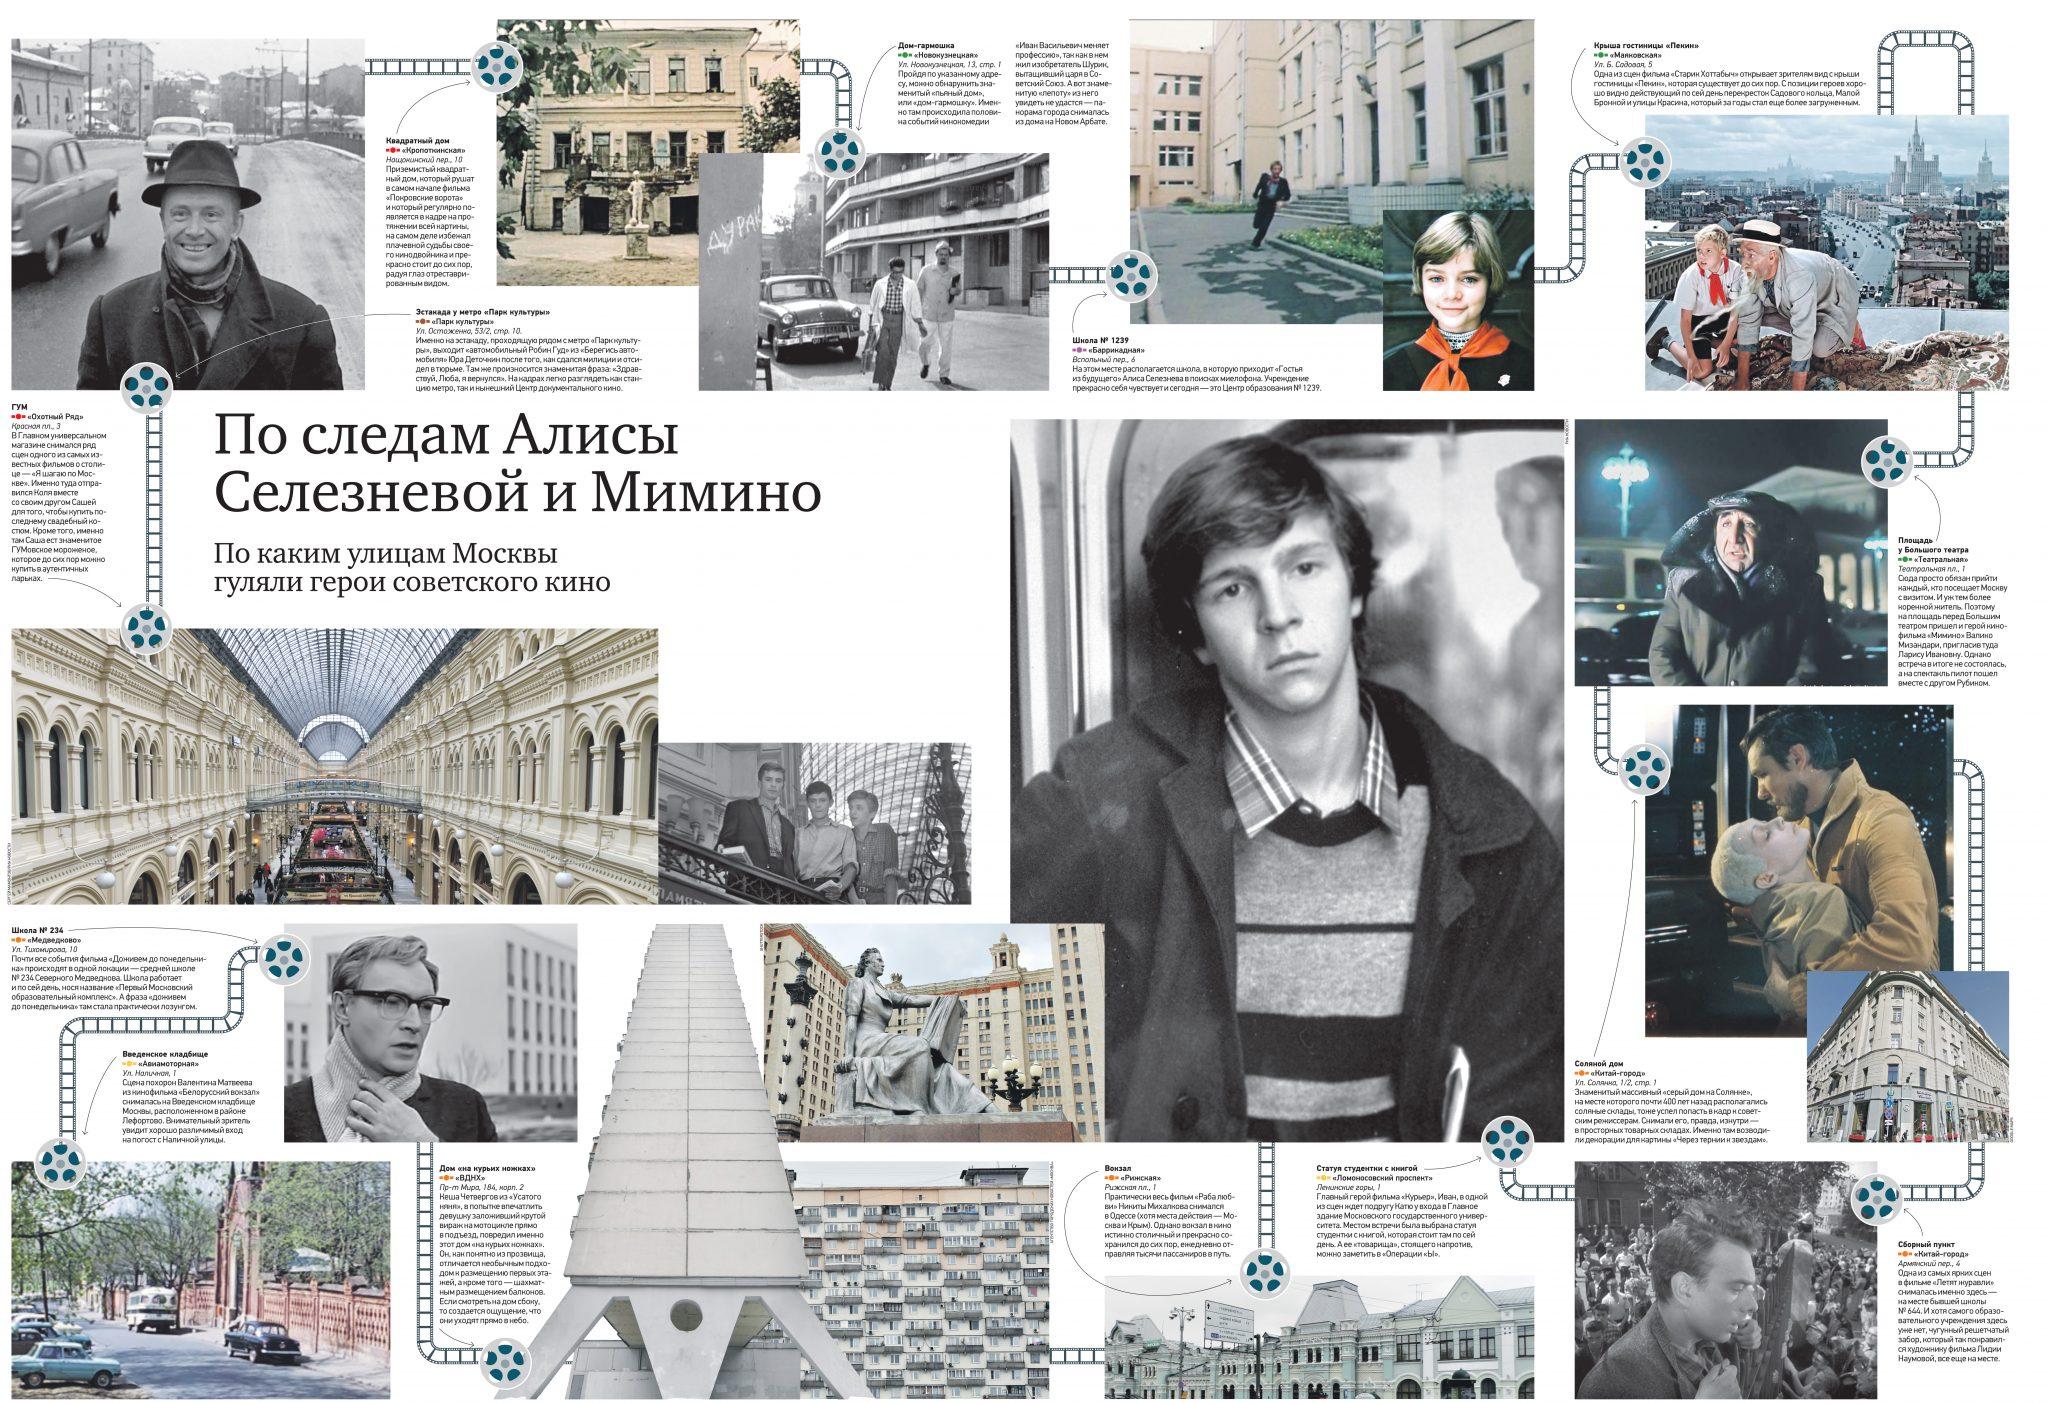 По следам Алисы Селезневой и Мимино. По каким улицам Москвы гуляли герои советского кино